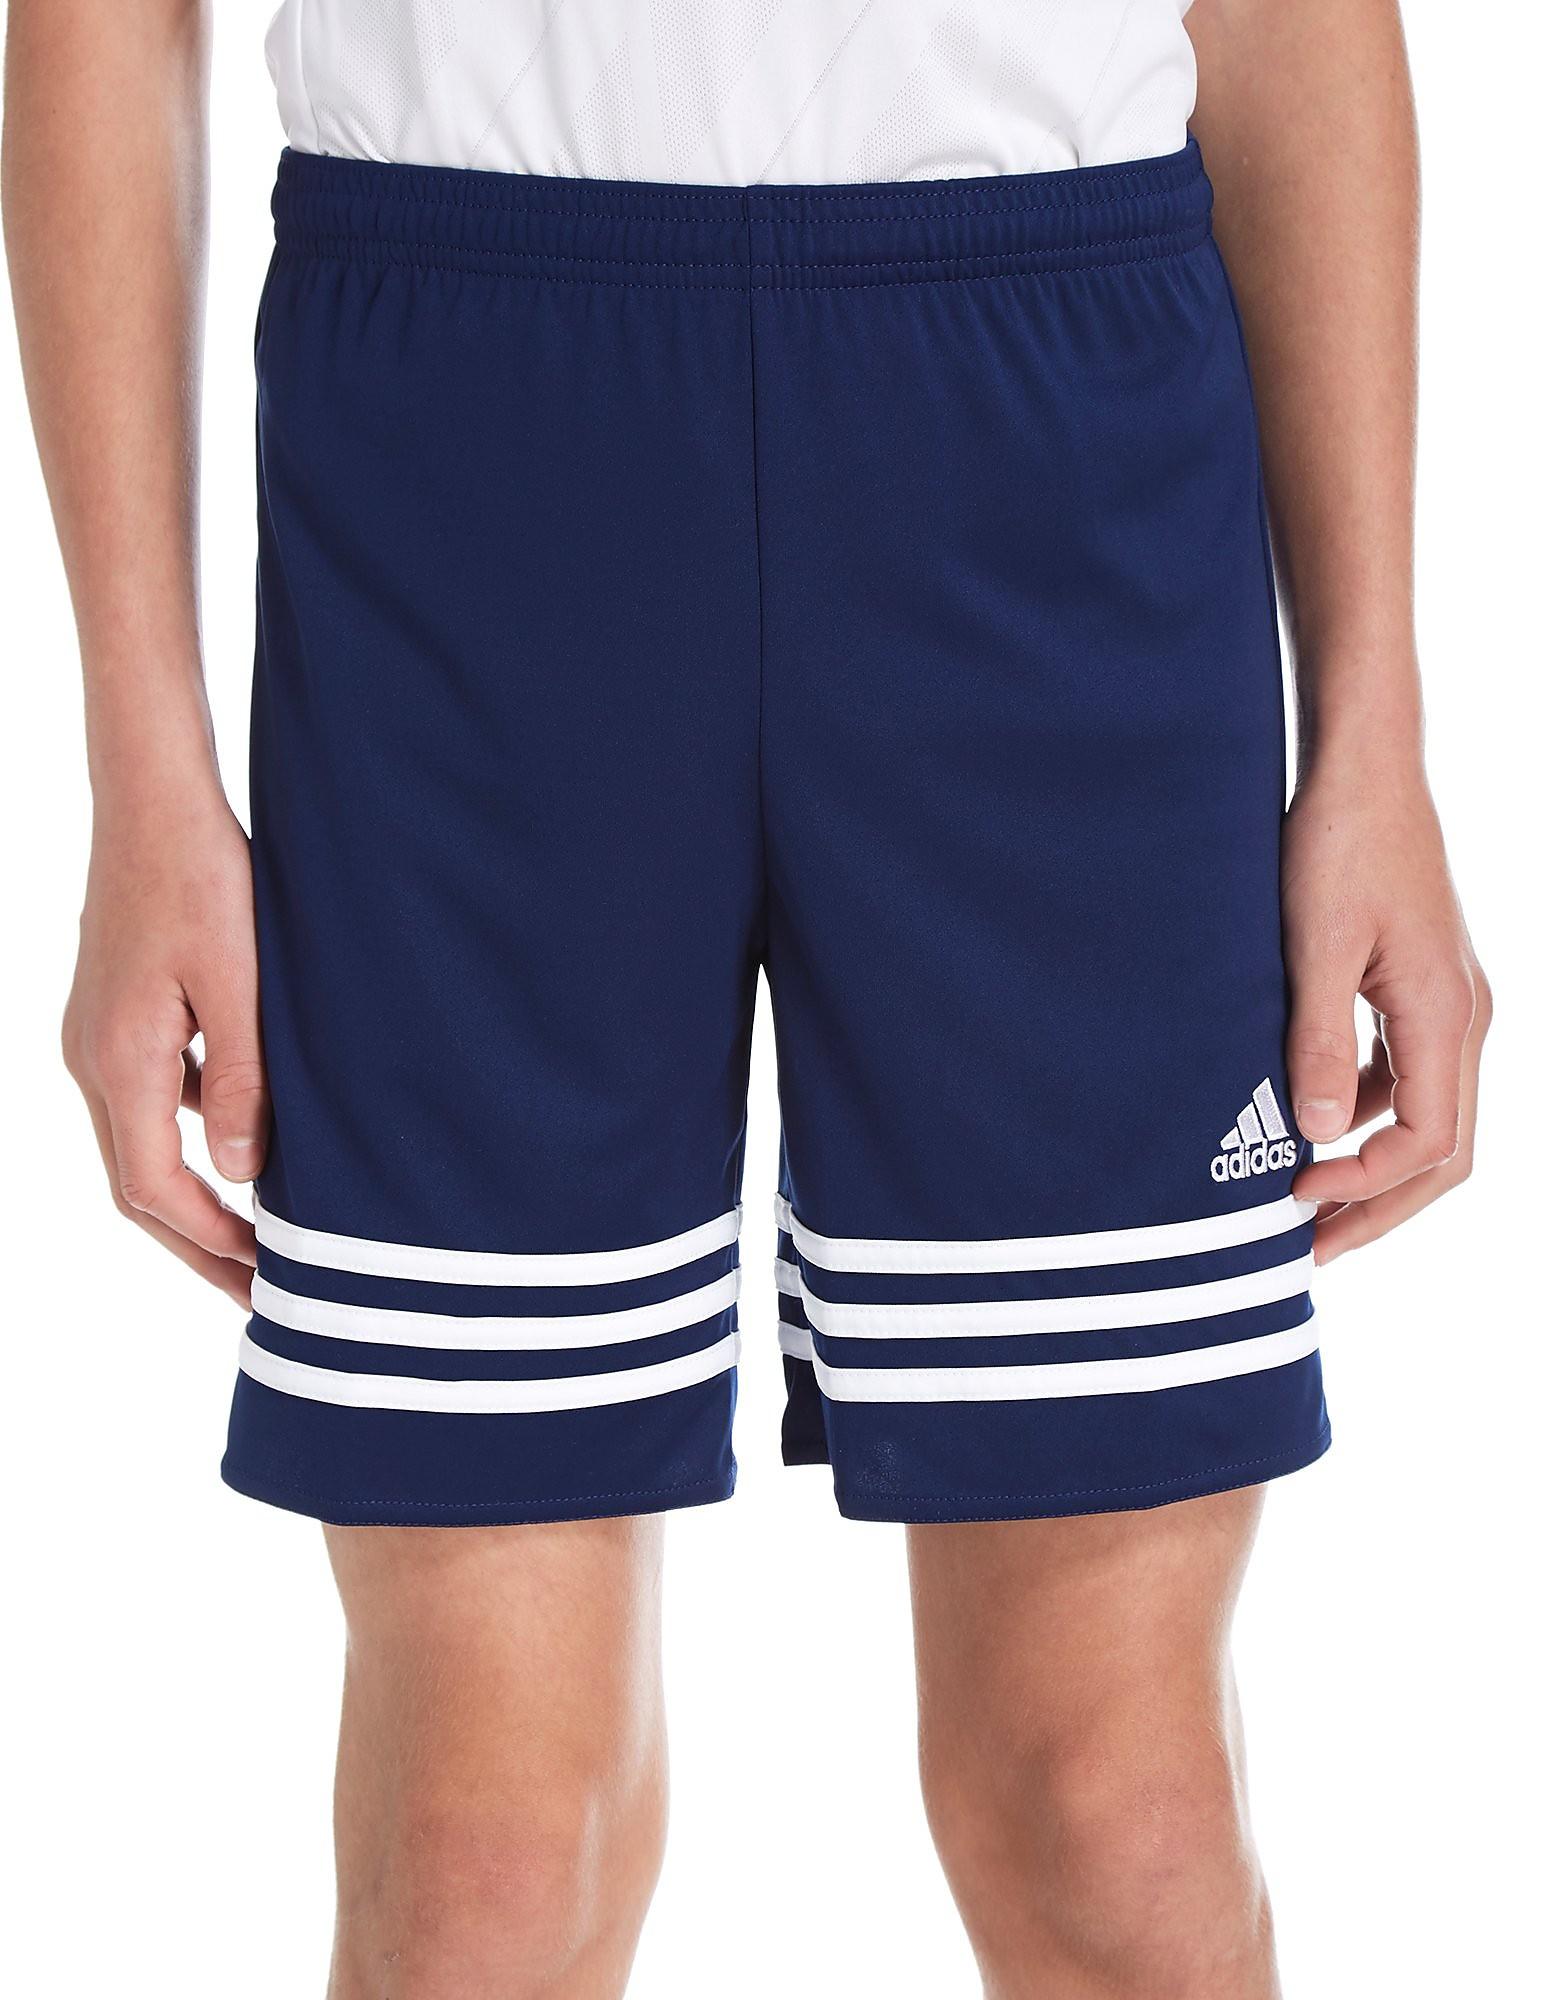 adidas Entrada Shorts Junior